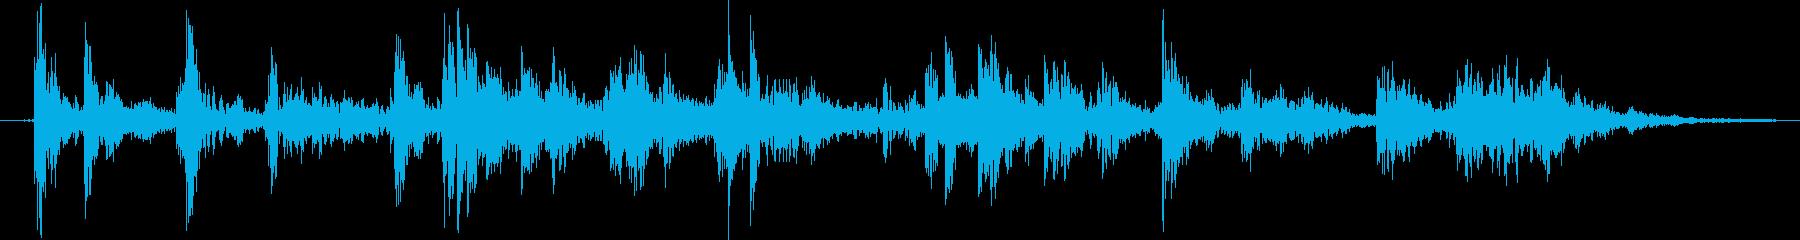 コイン_ケースに落ちる_獲得_04の再生済みの波形